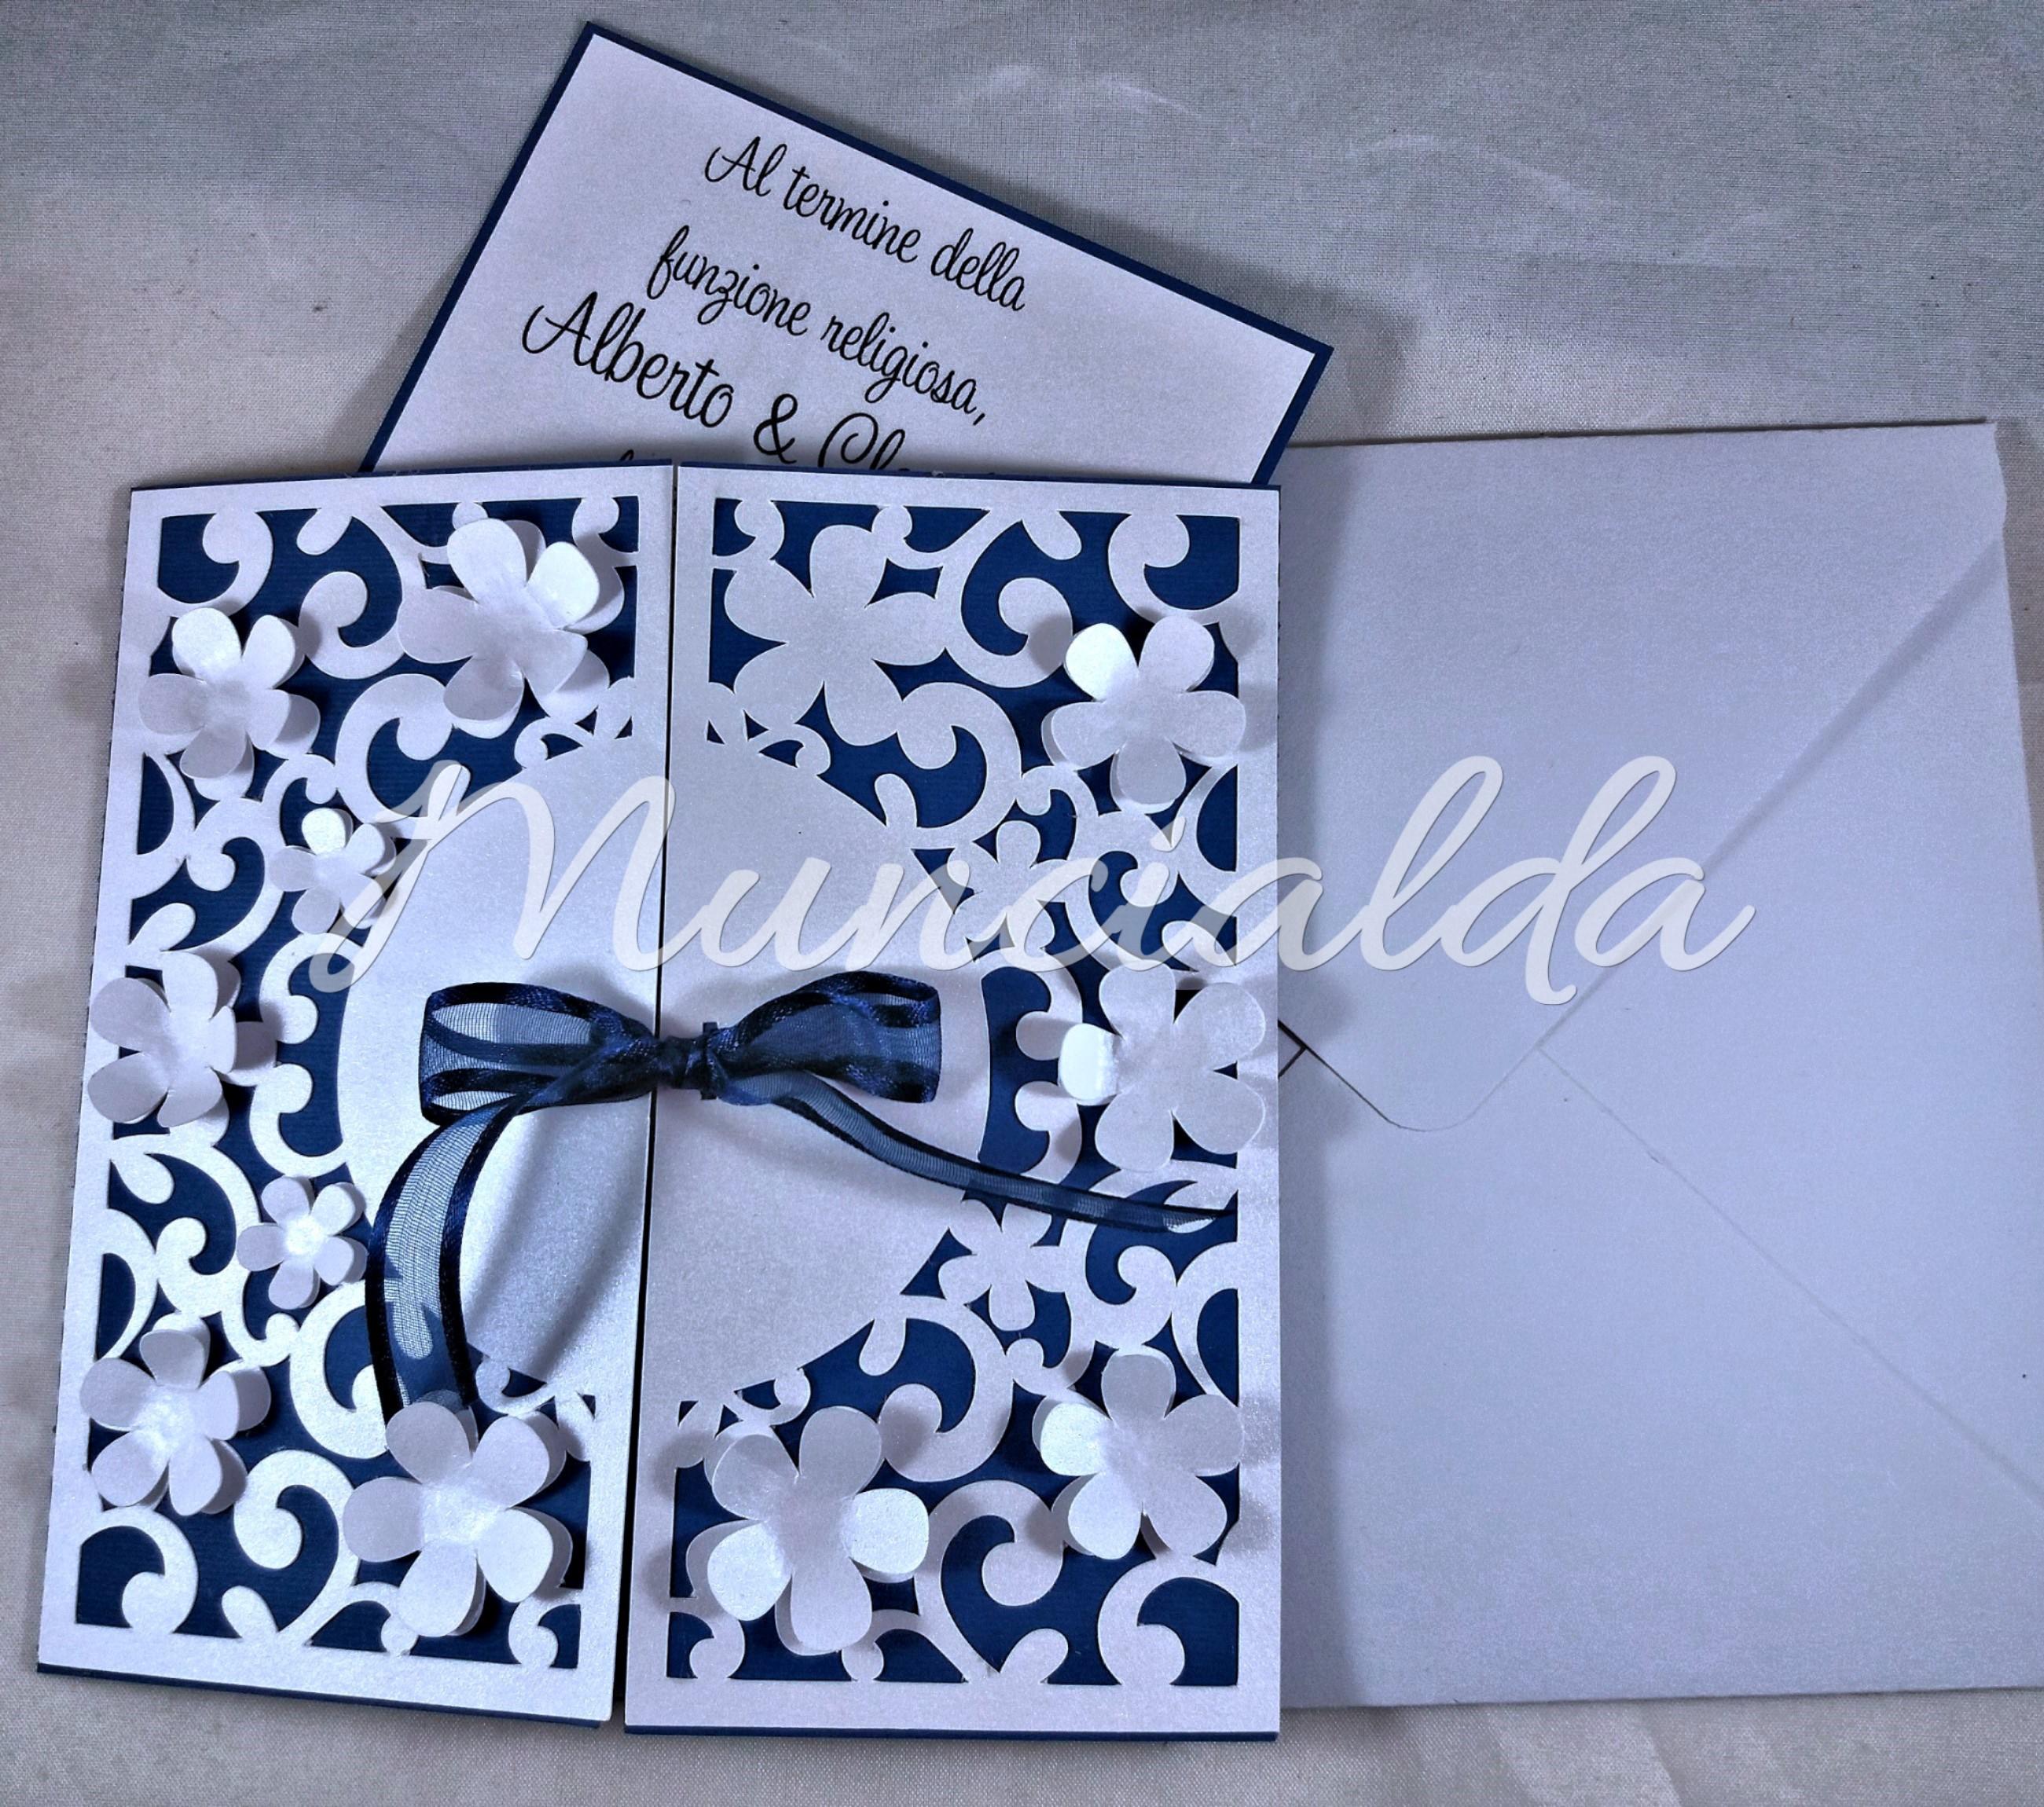 Inviti Matrimonio Natalizio : Inviti per matrimonio blu e bianco perlato muncialda